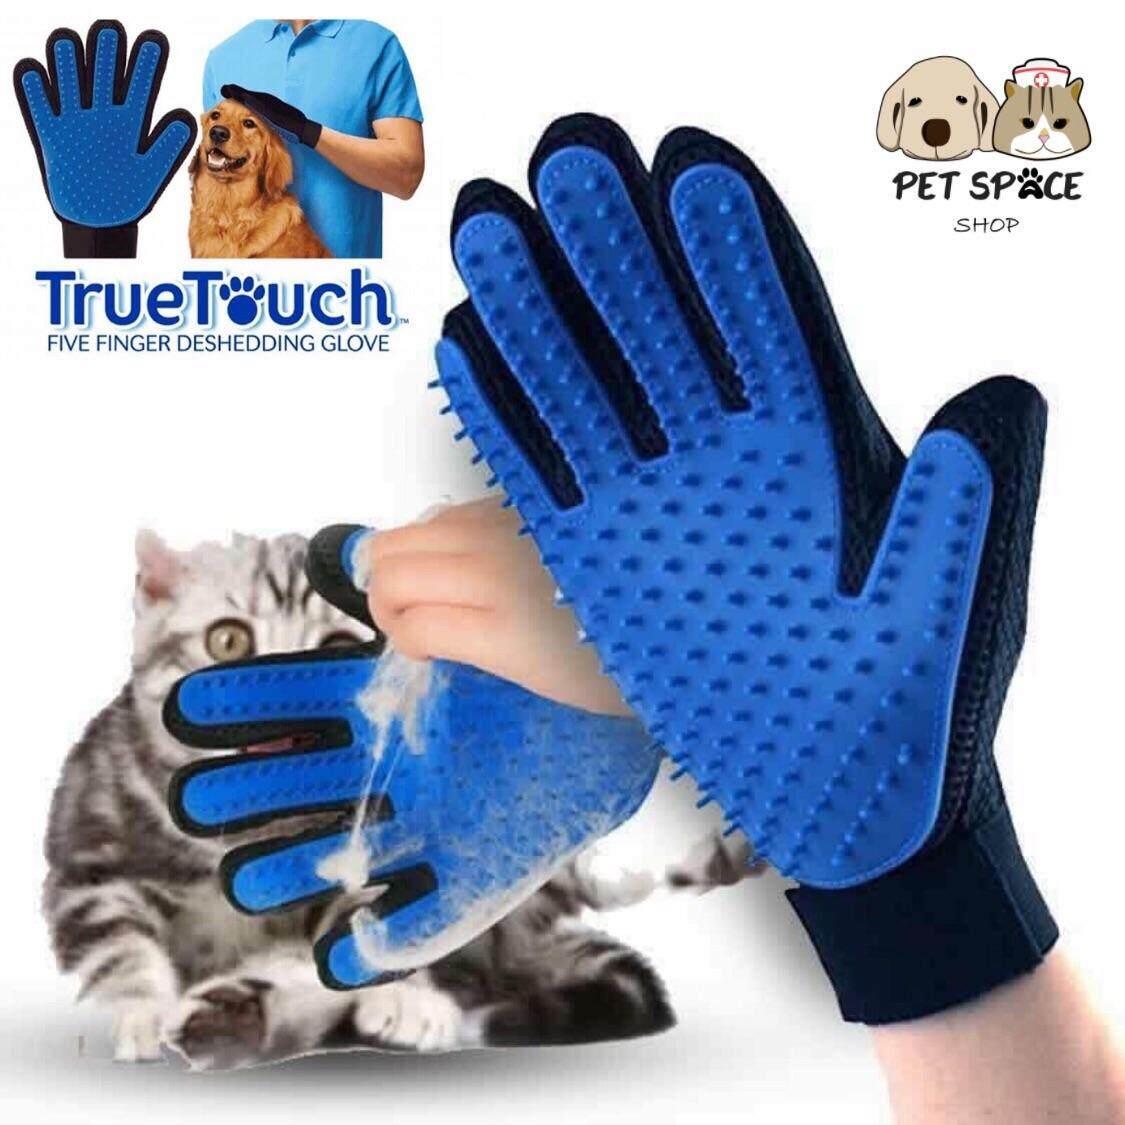 ถุงมือแปรงขน สัตว์เลี้ยง อุปกรณ์แปรงขนแมว หวีขนแมว (สินค้ามีกล่อง ข้างขวา) By Petspace.